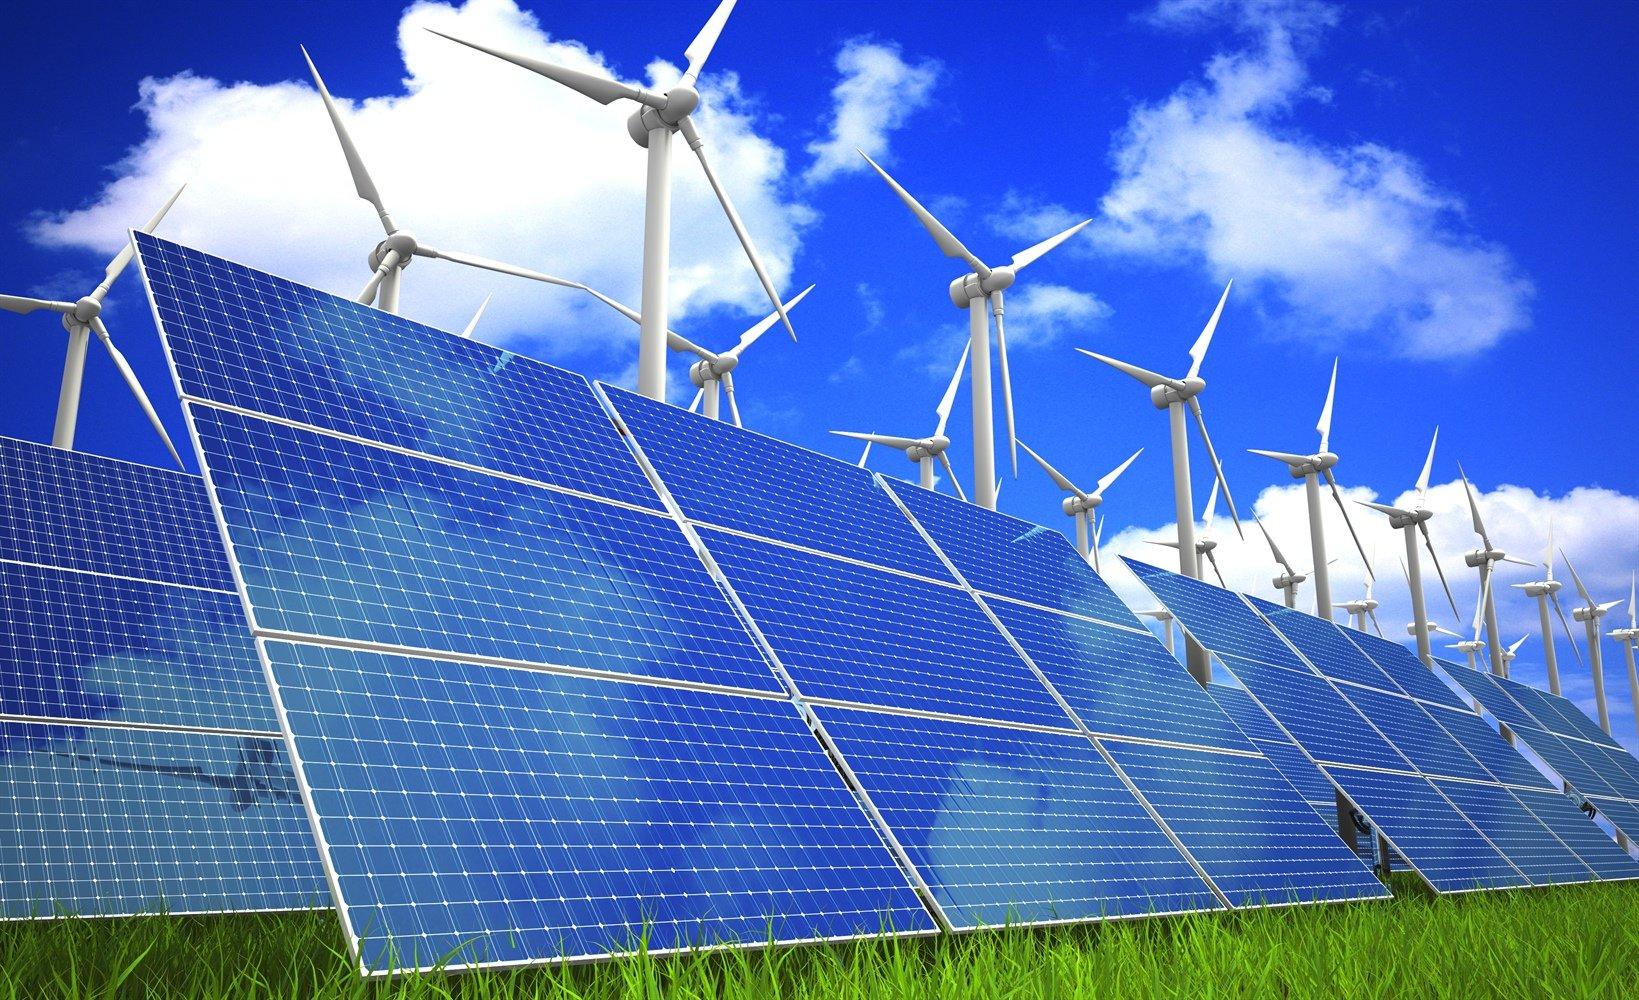 Порушення дисципліни компаніями — виробниками електроенергії з відновлюваних джерел